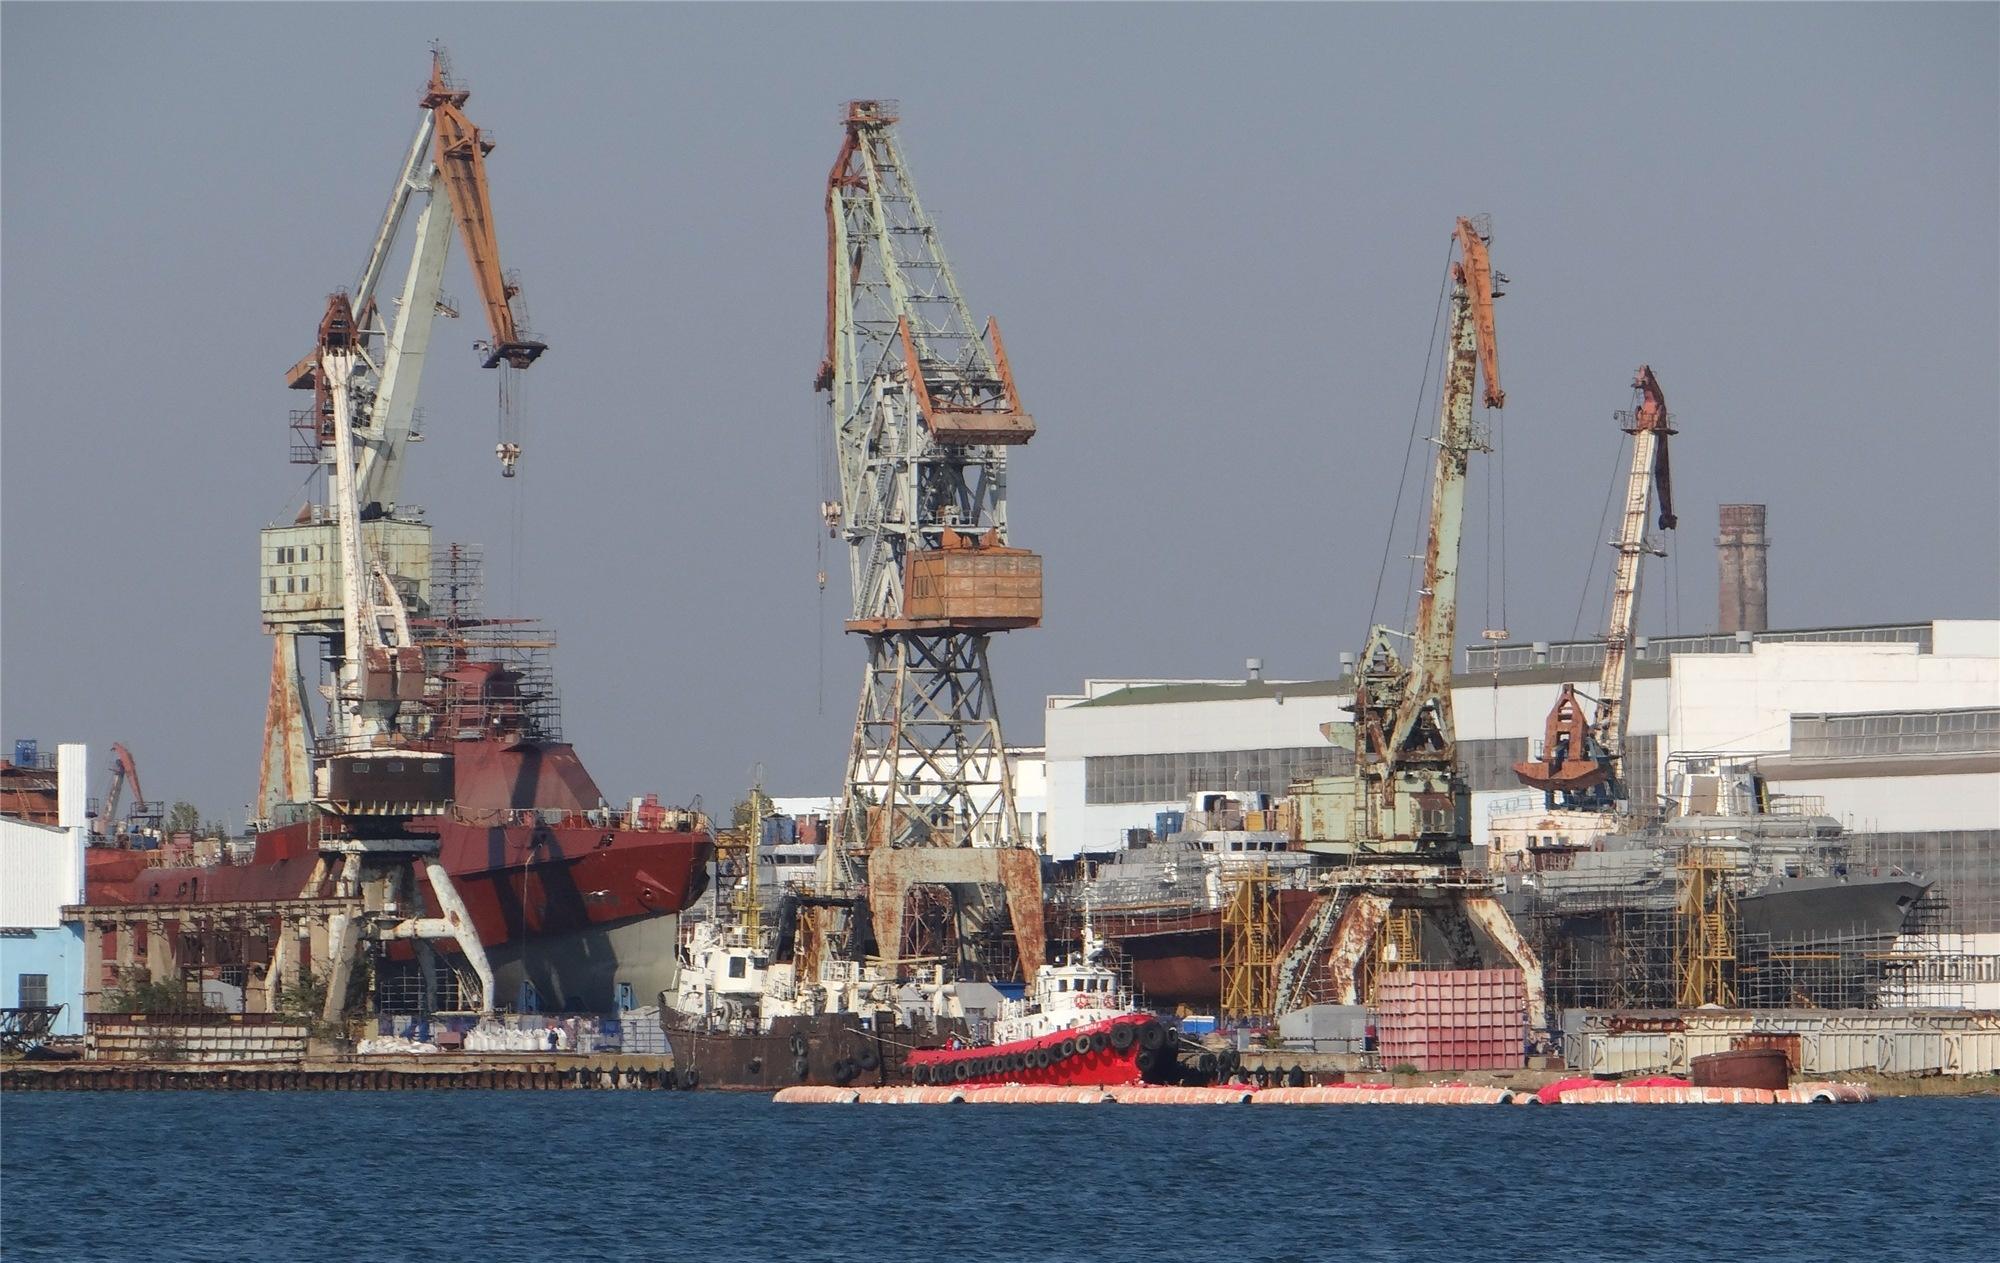 Project 22160 Bykov-class patrol ship - Page 15 F_Yi5yYWRpa2FsLnJ1L2IwMC8xODEwLzVlLzkyMzE0N2E2ZWM0Yy5qcGc_X19pZD0xMTI3MTE=